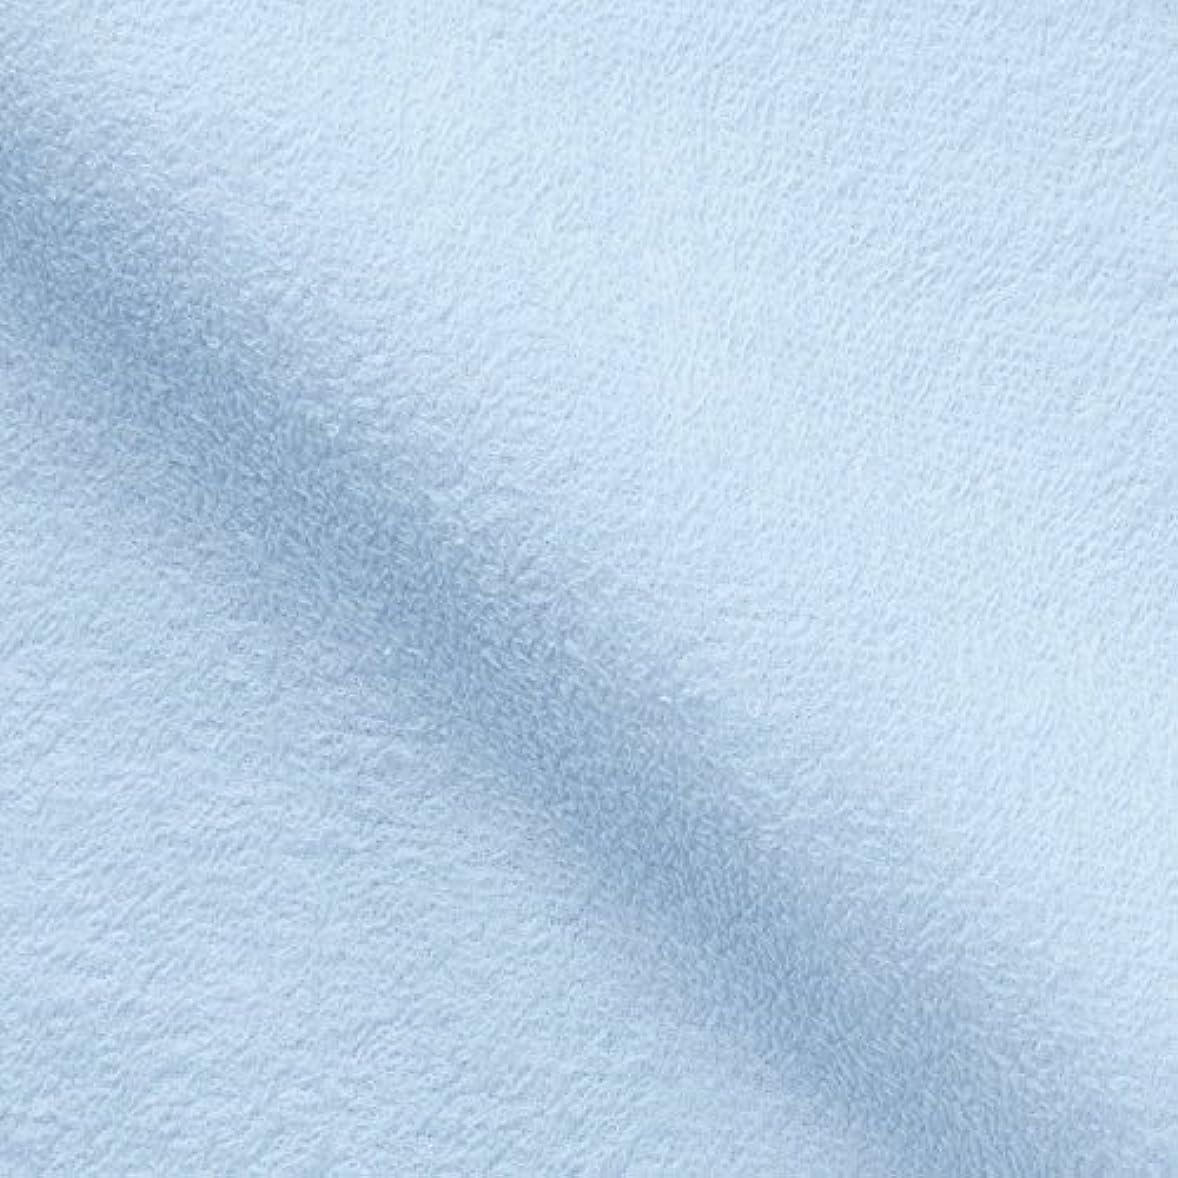 助けて乳剤パトロンキヨタ 抗菌介護タオル(フェイスタオル12枚入) ブルー 34×84cm